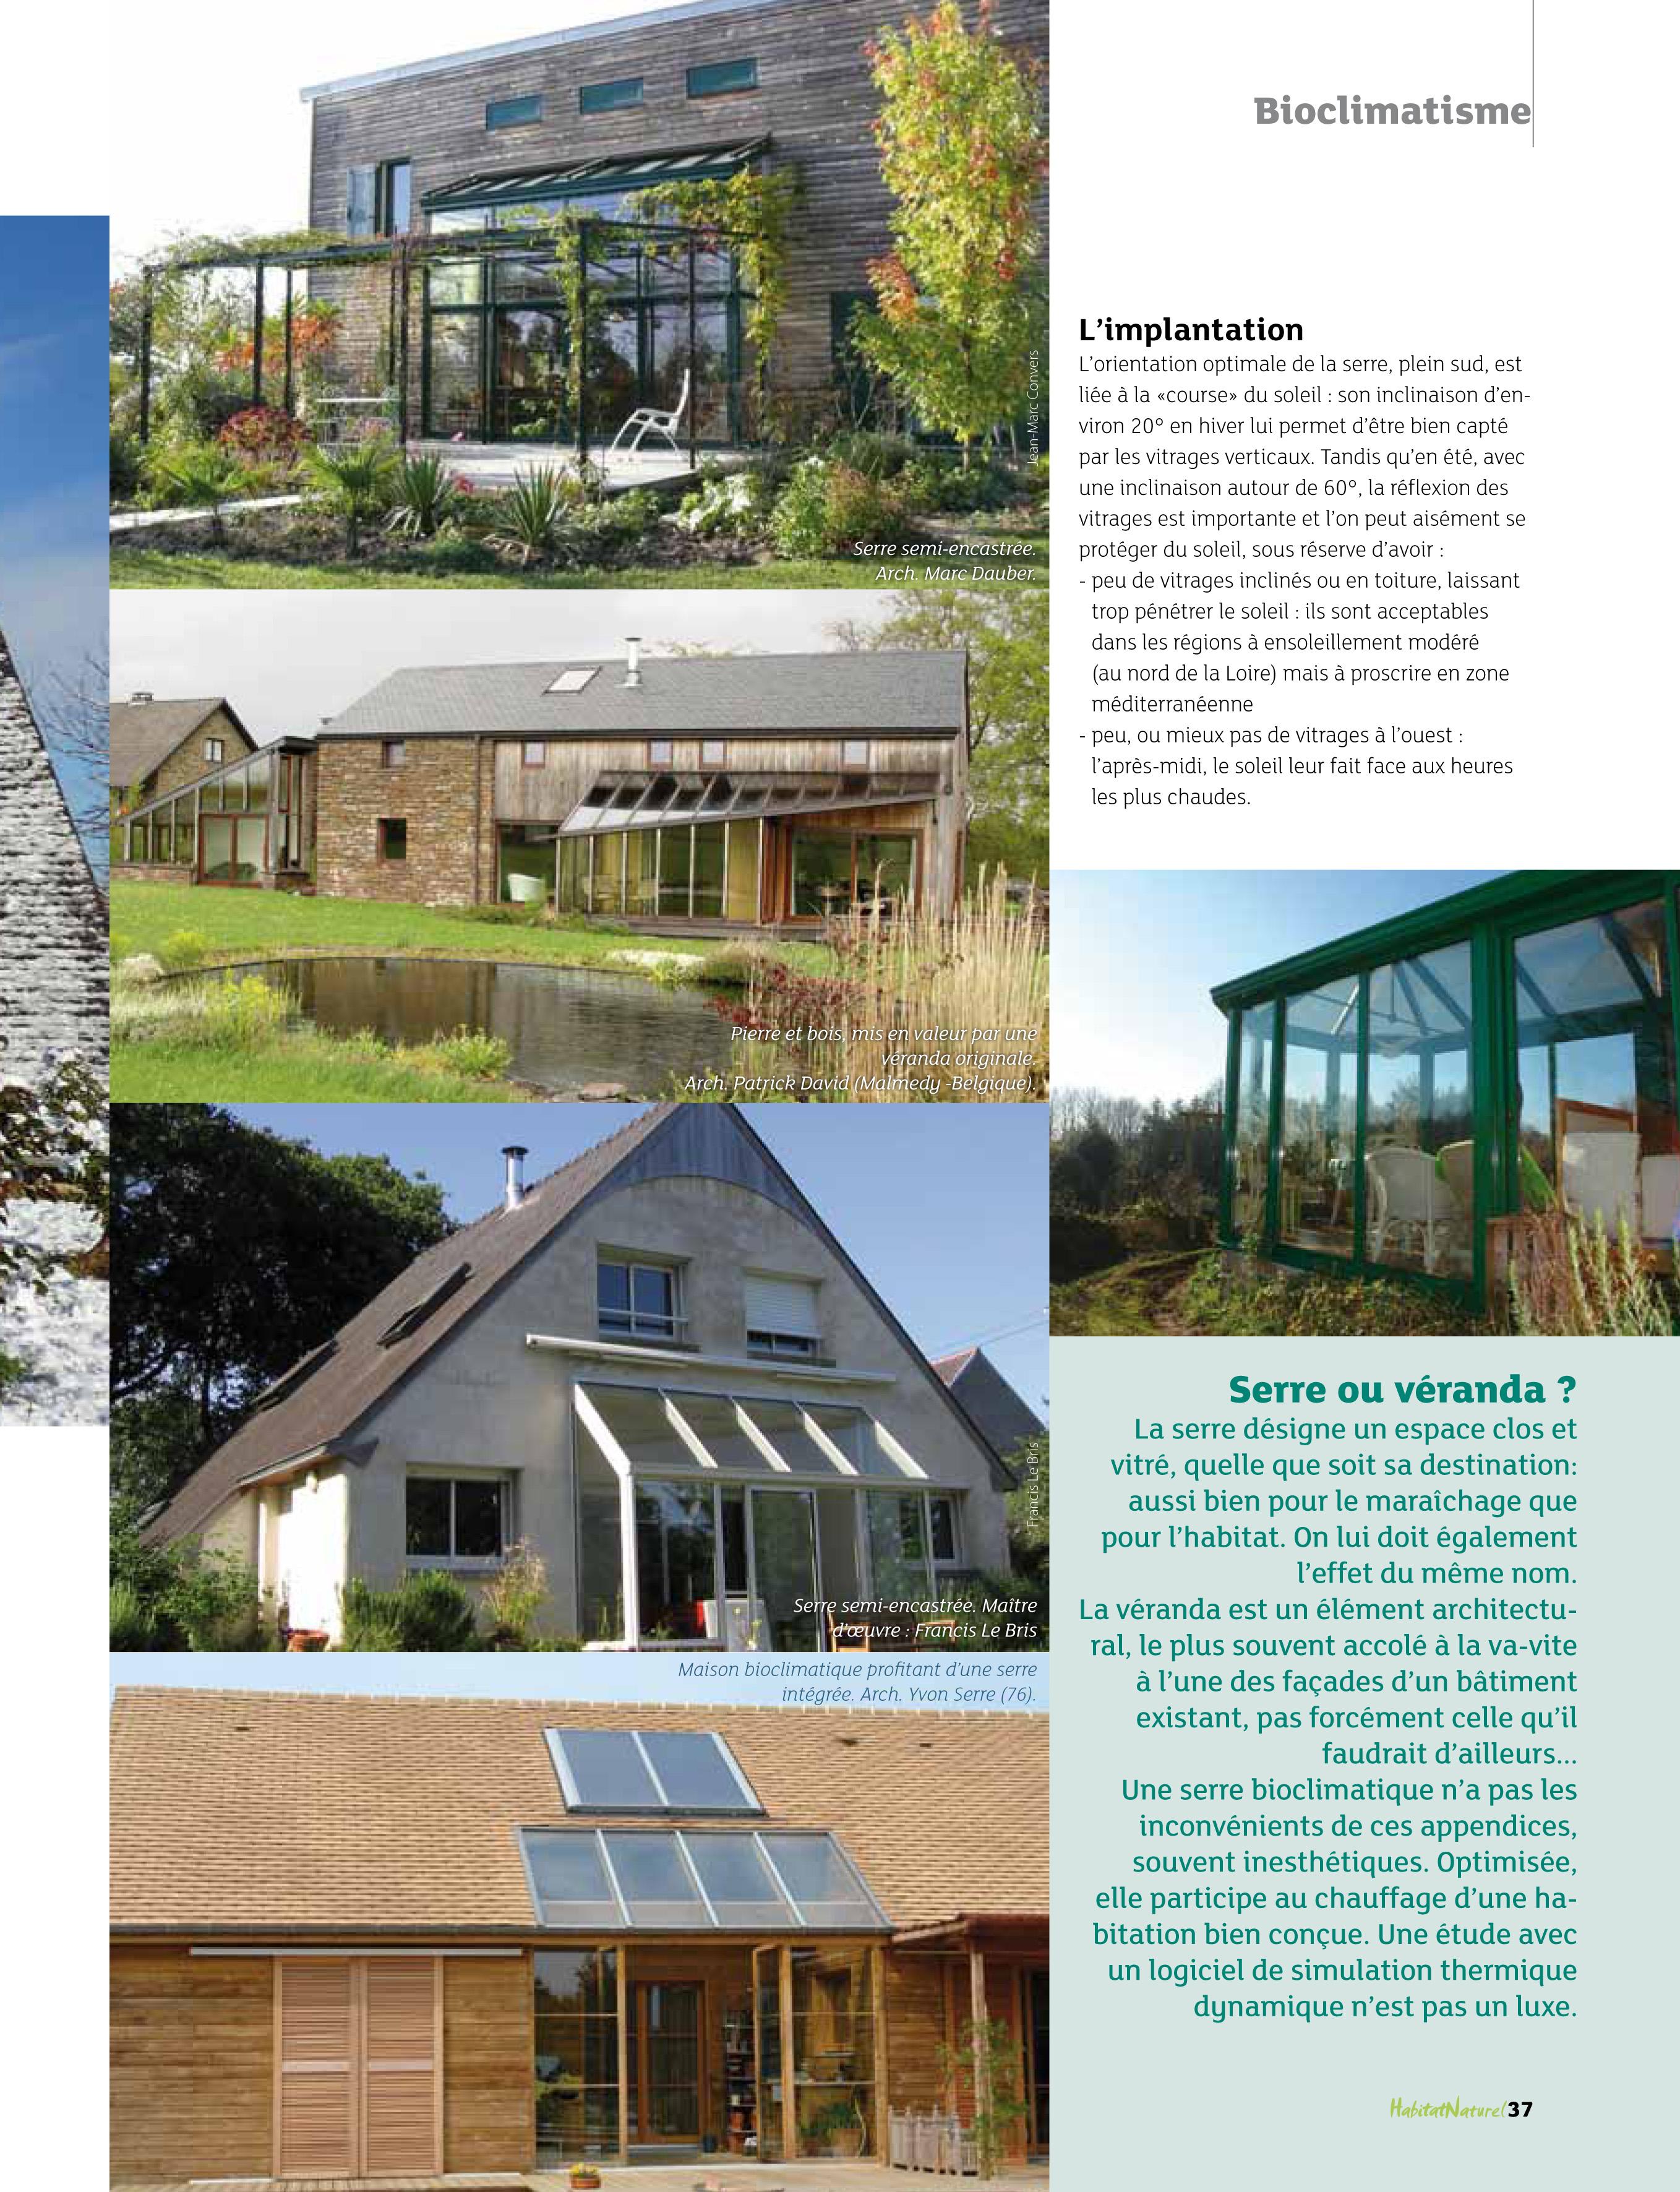 Super Une serre bioclimatique pour chauffer la maison bulle ! | RM-61